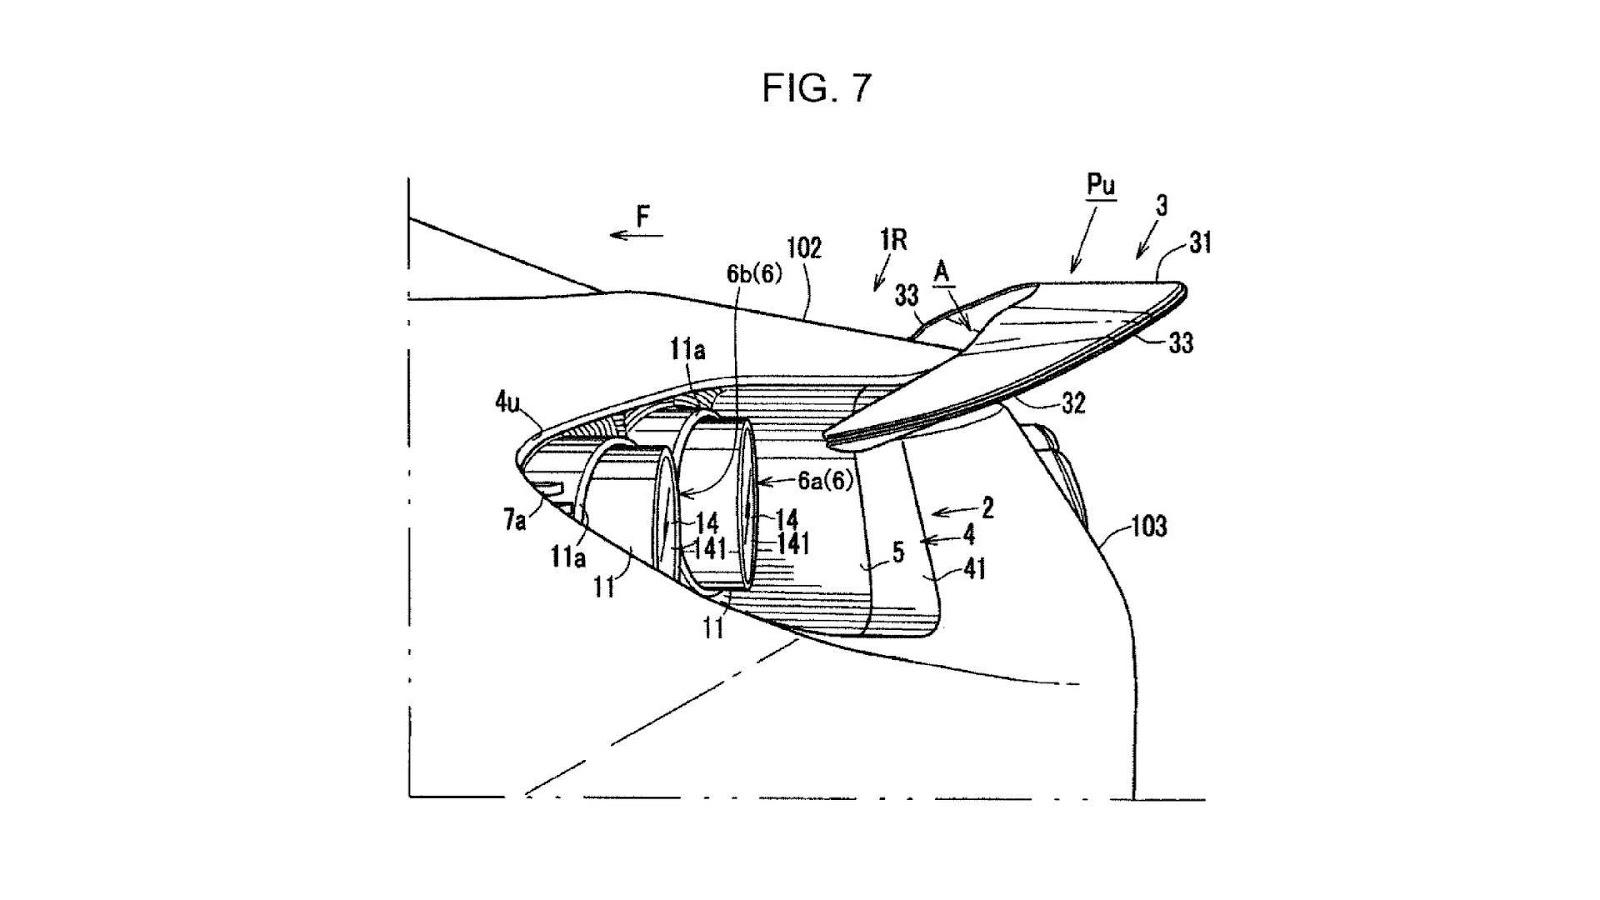 Así es el alerón trasero camuflado en los pilotos traseros patentado por Mazda